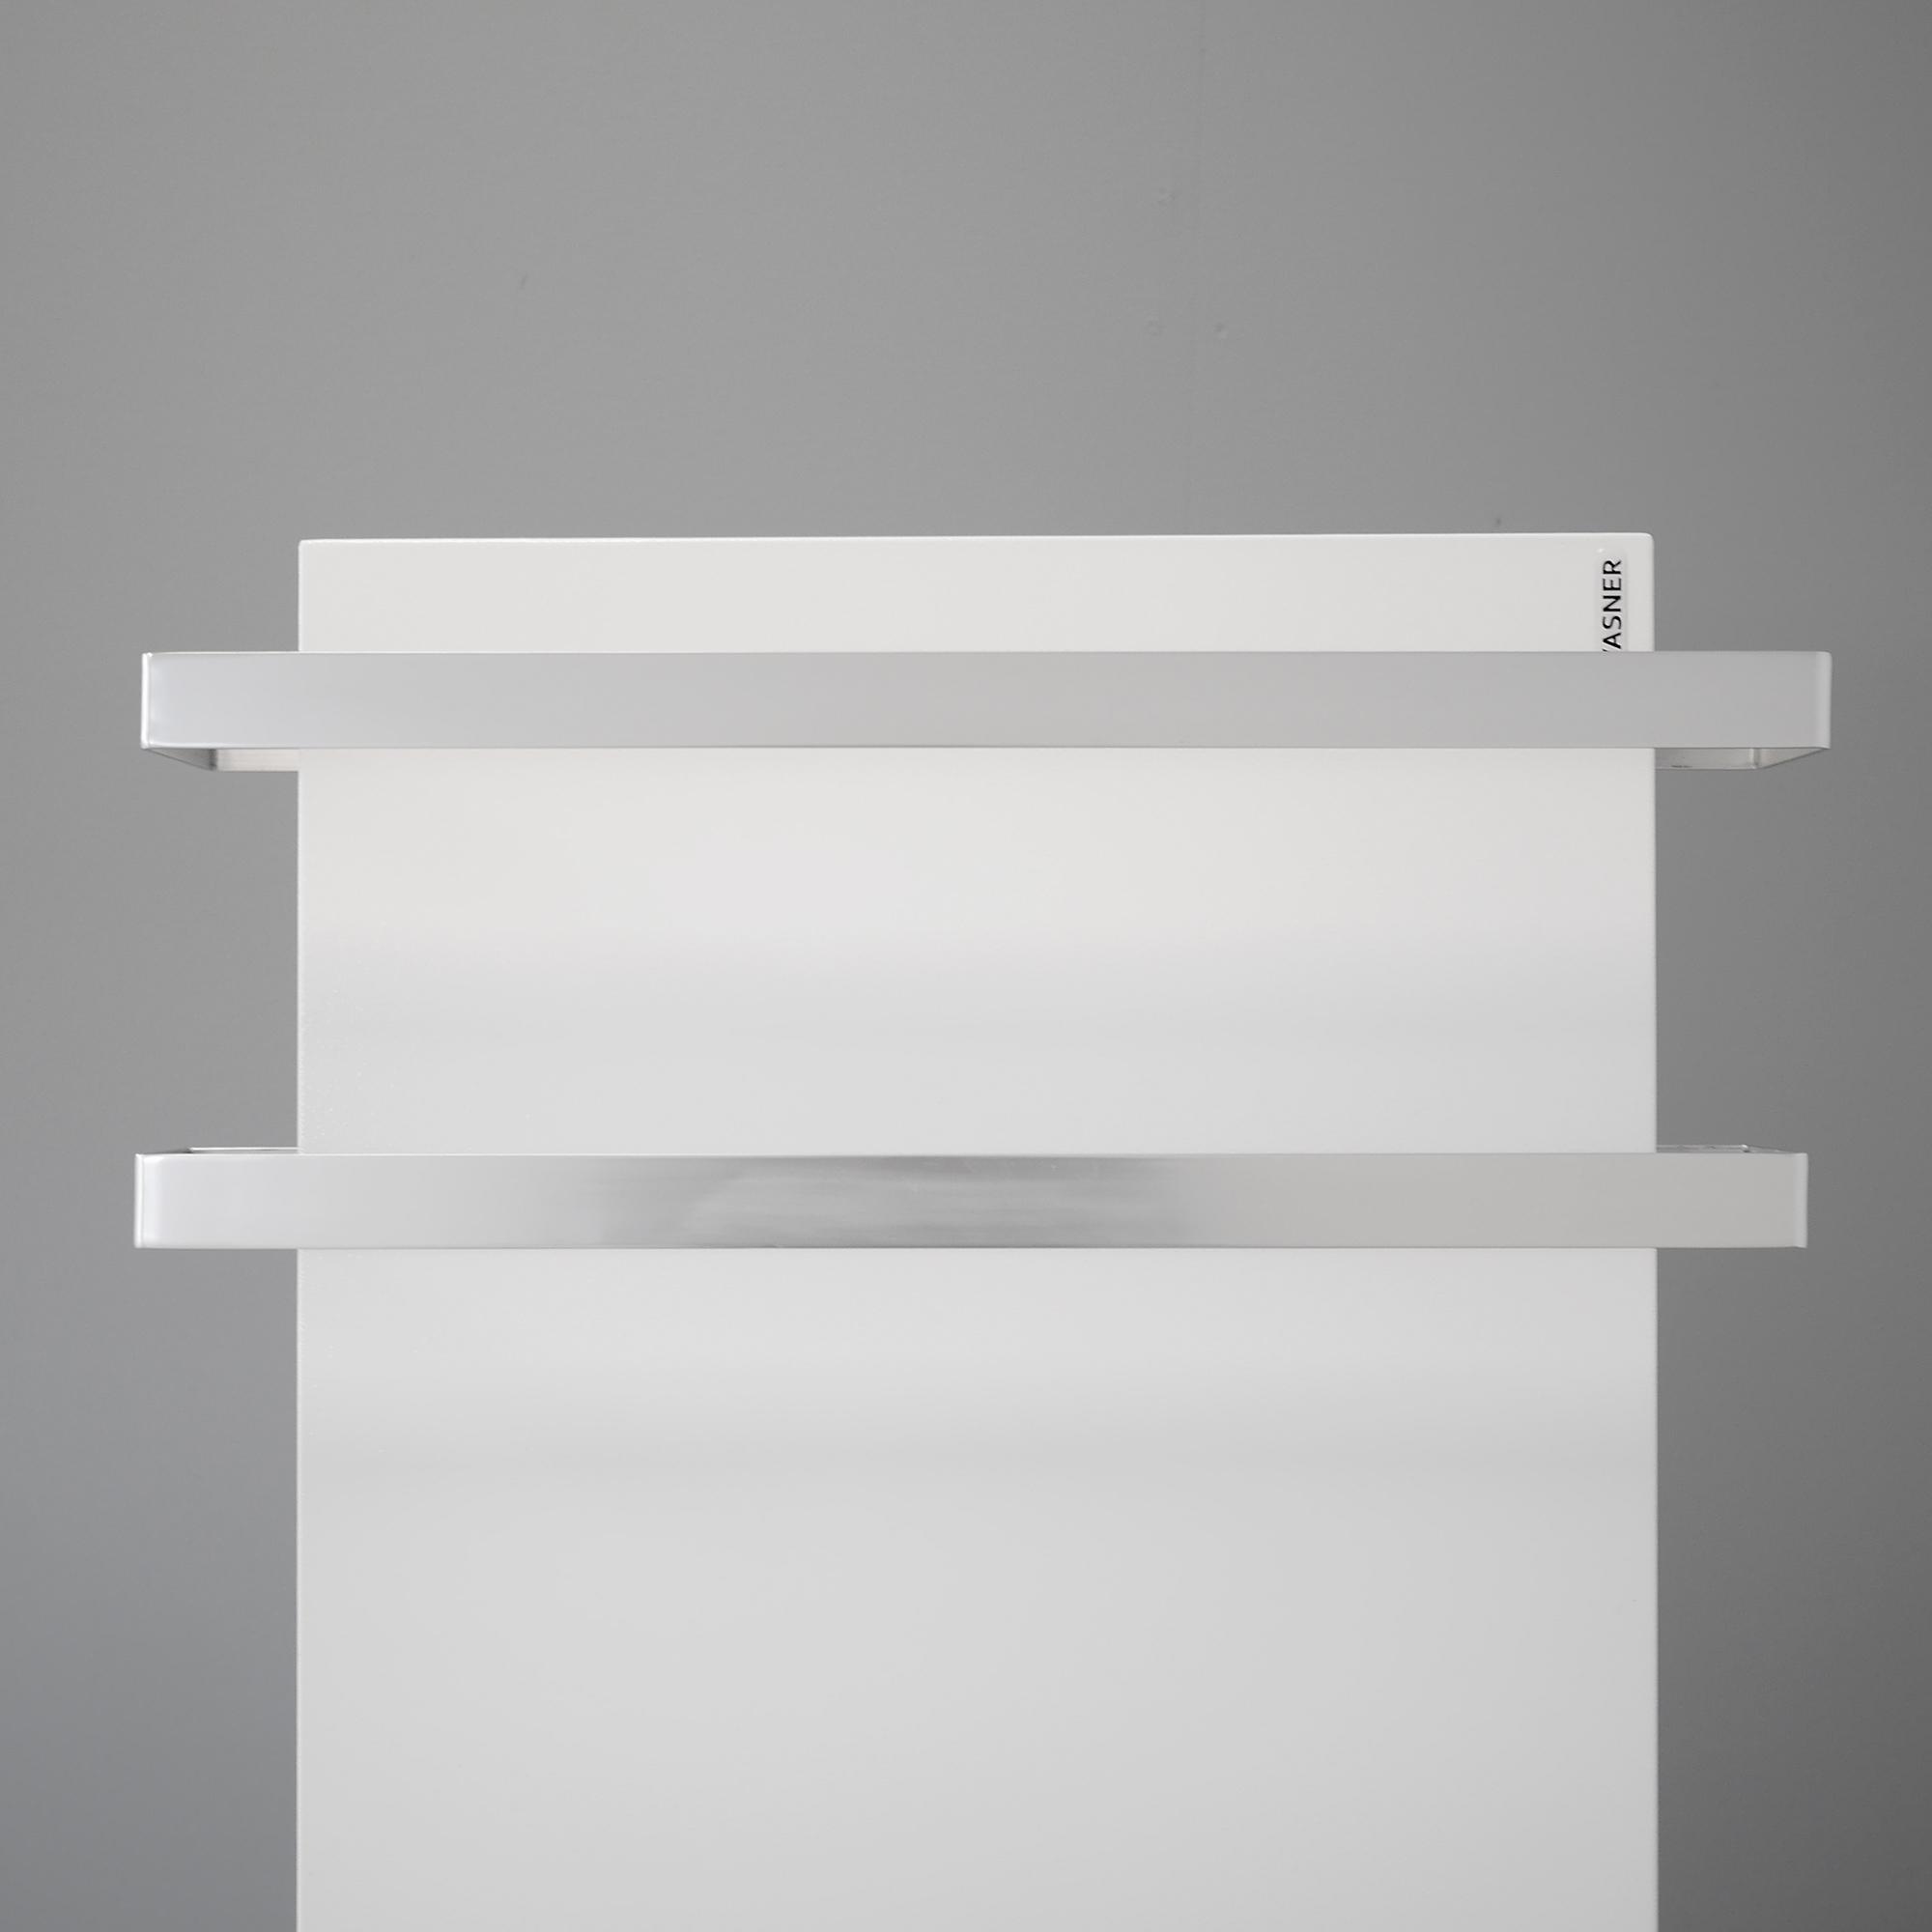 VASNER Citara Infrarot Handtuchtrockner Aluminium